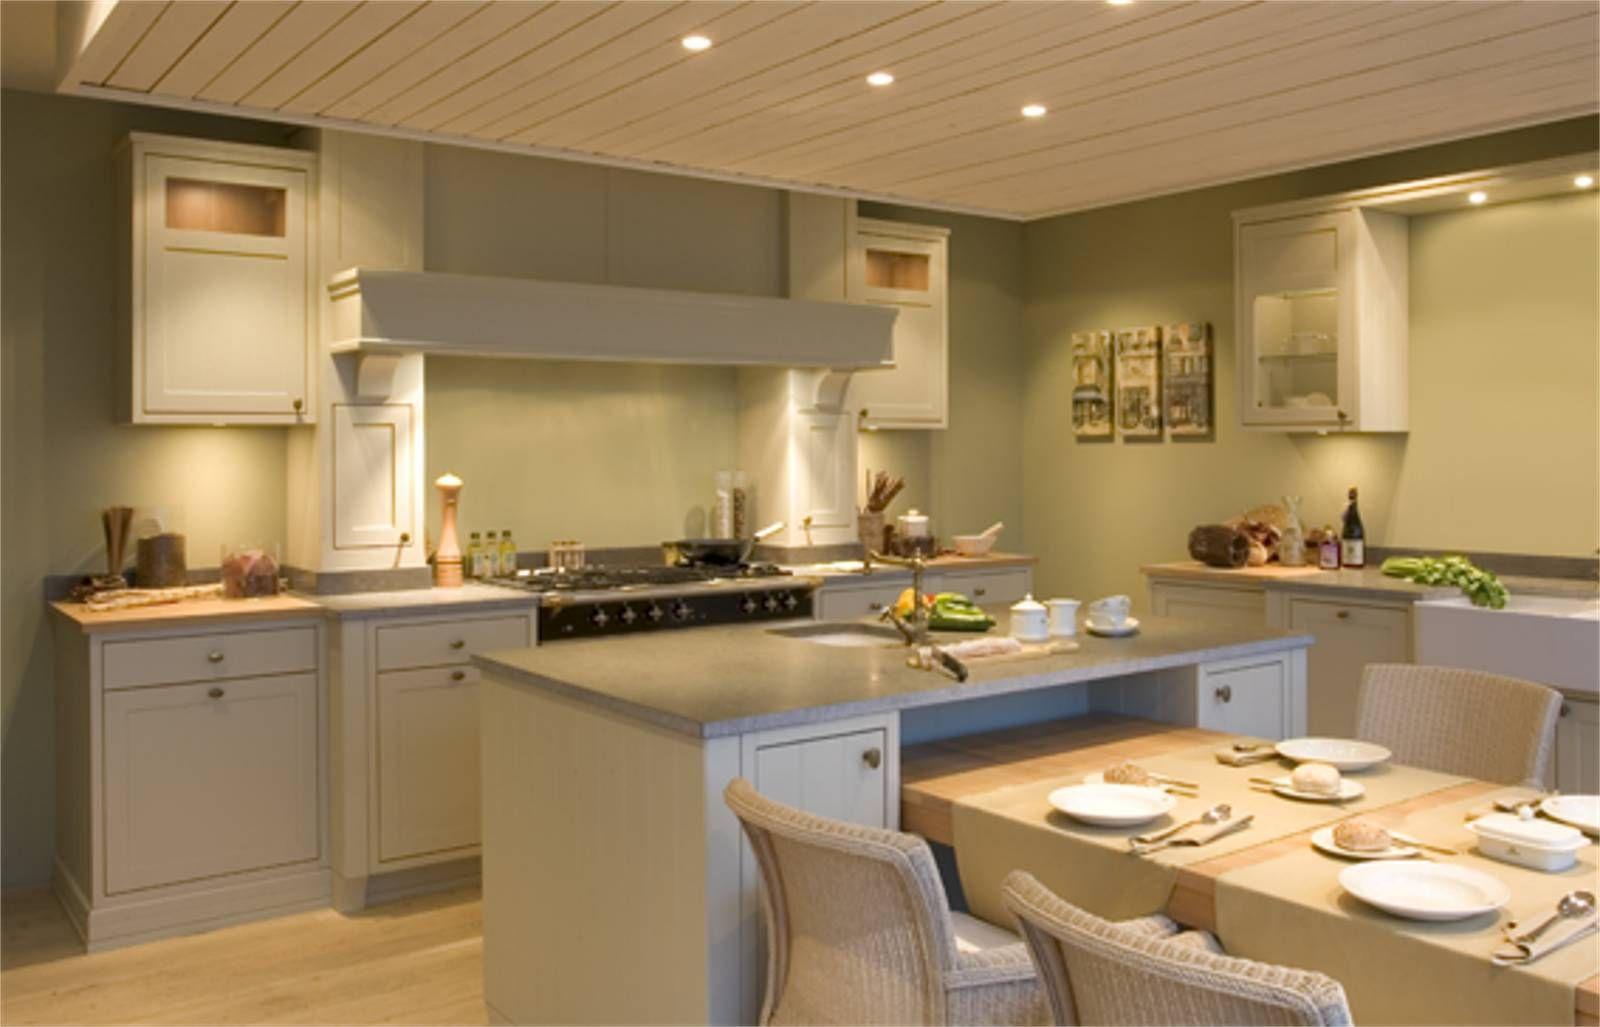 Keuken maatwerk handgemaakte keukens op maat bari 27377 - Keuken stijl ...